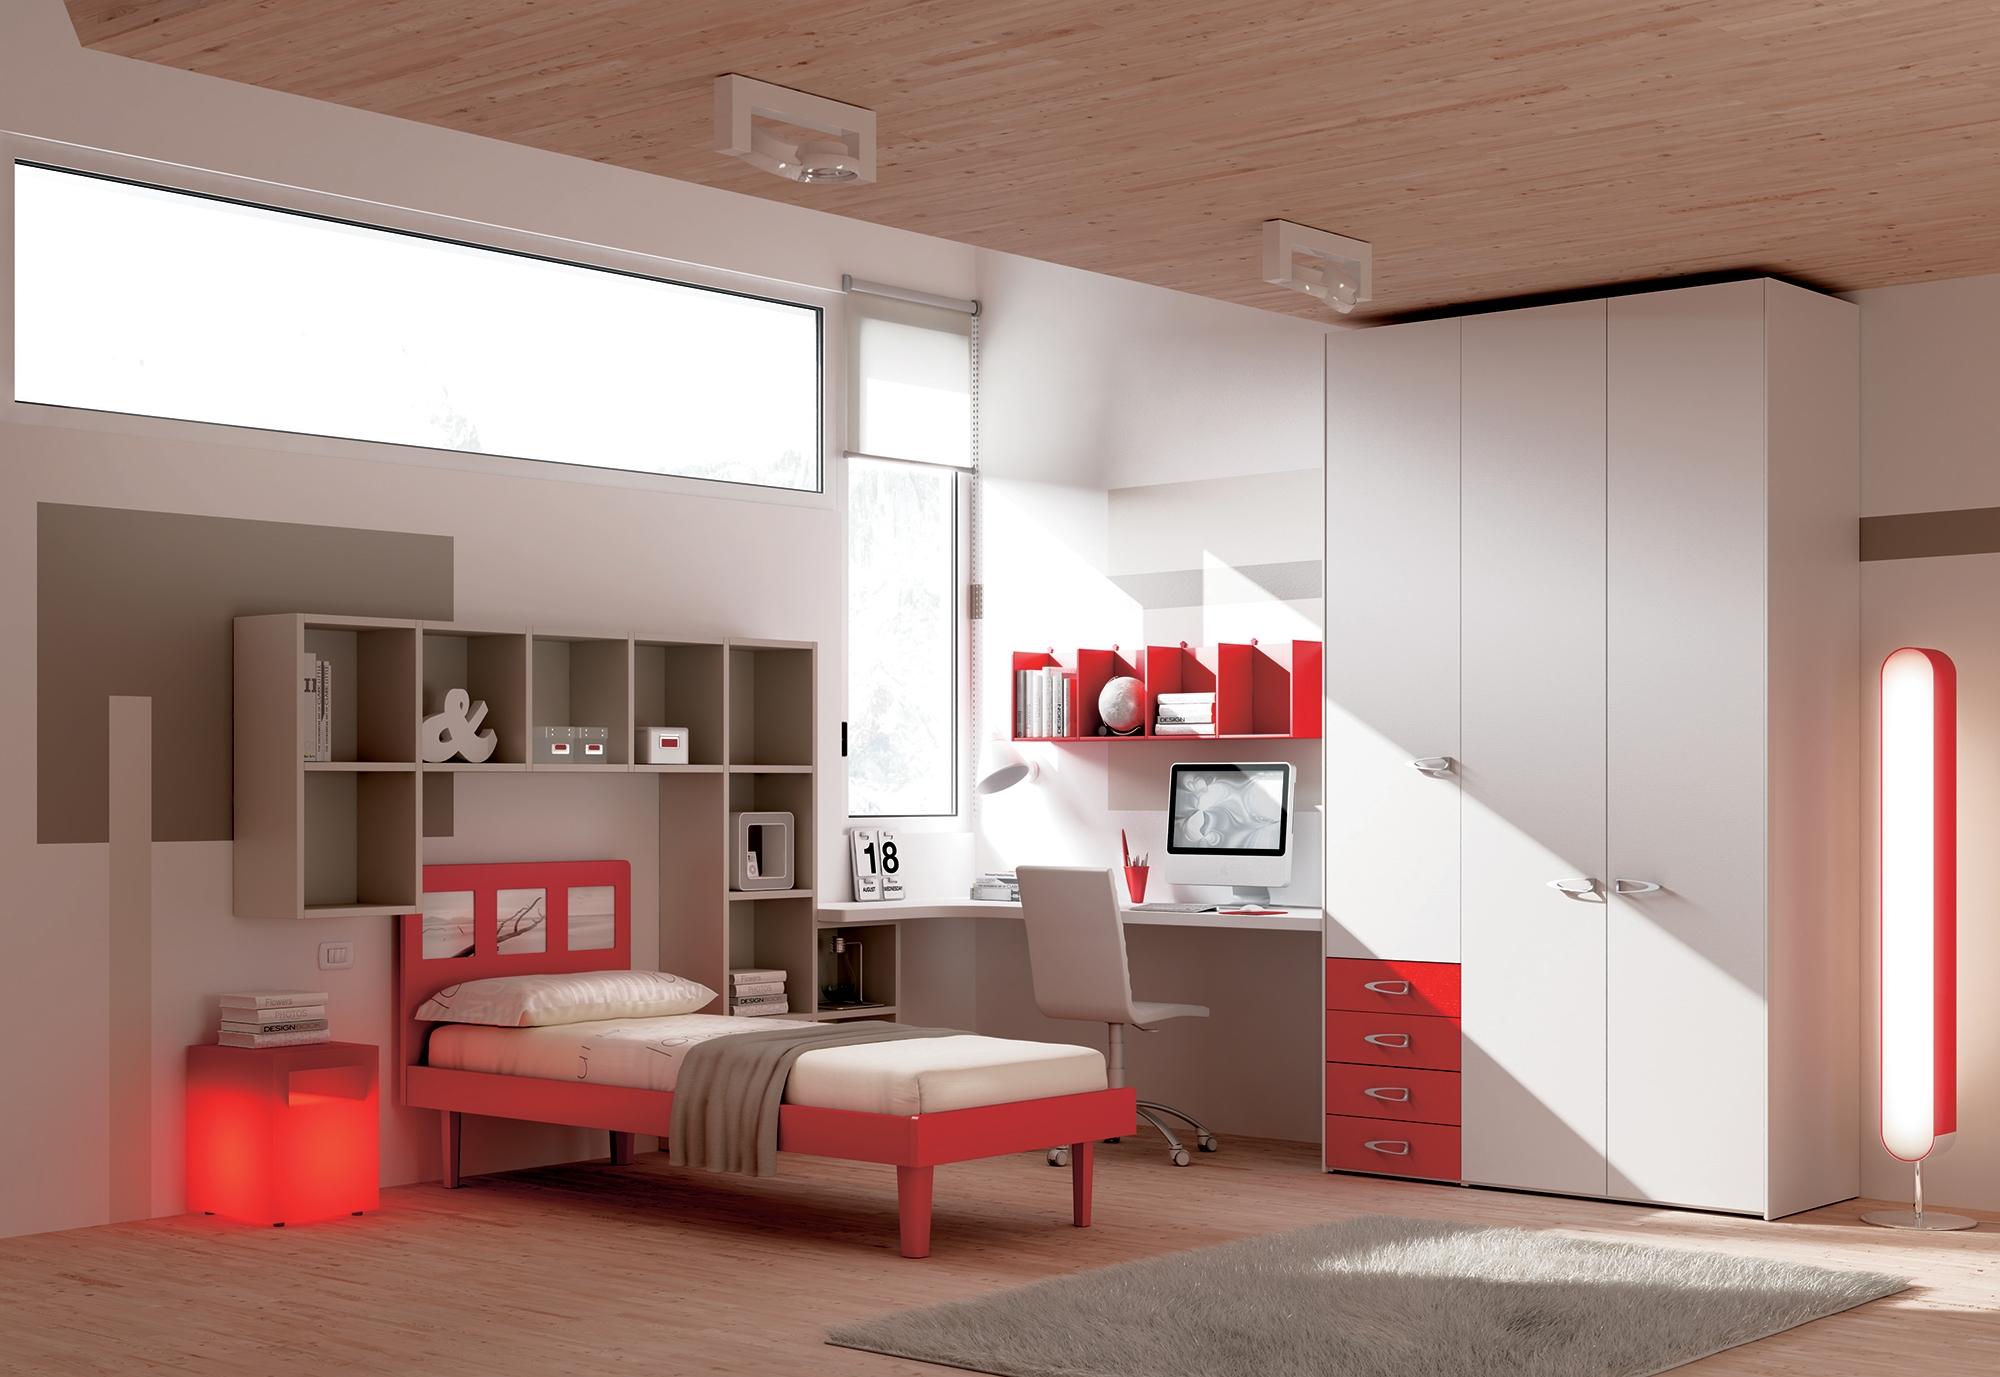 Chambre enfant PERSONNALISABLE KC14 - MORETTI COMPACT